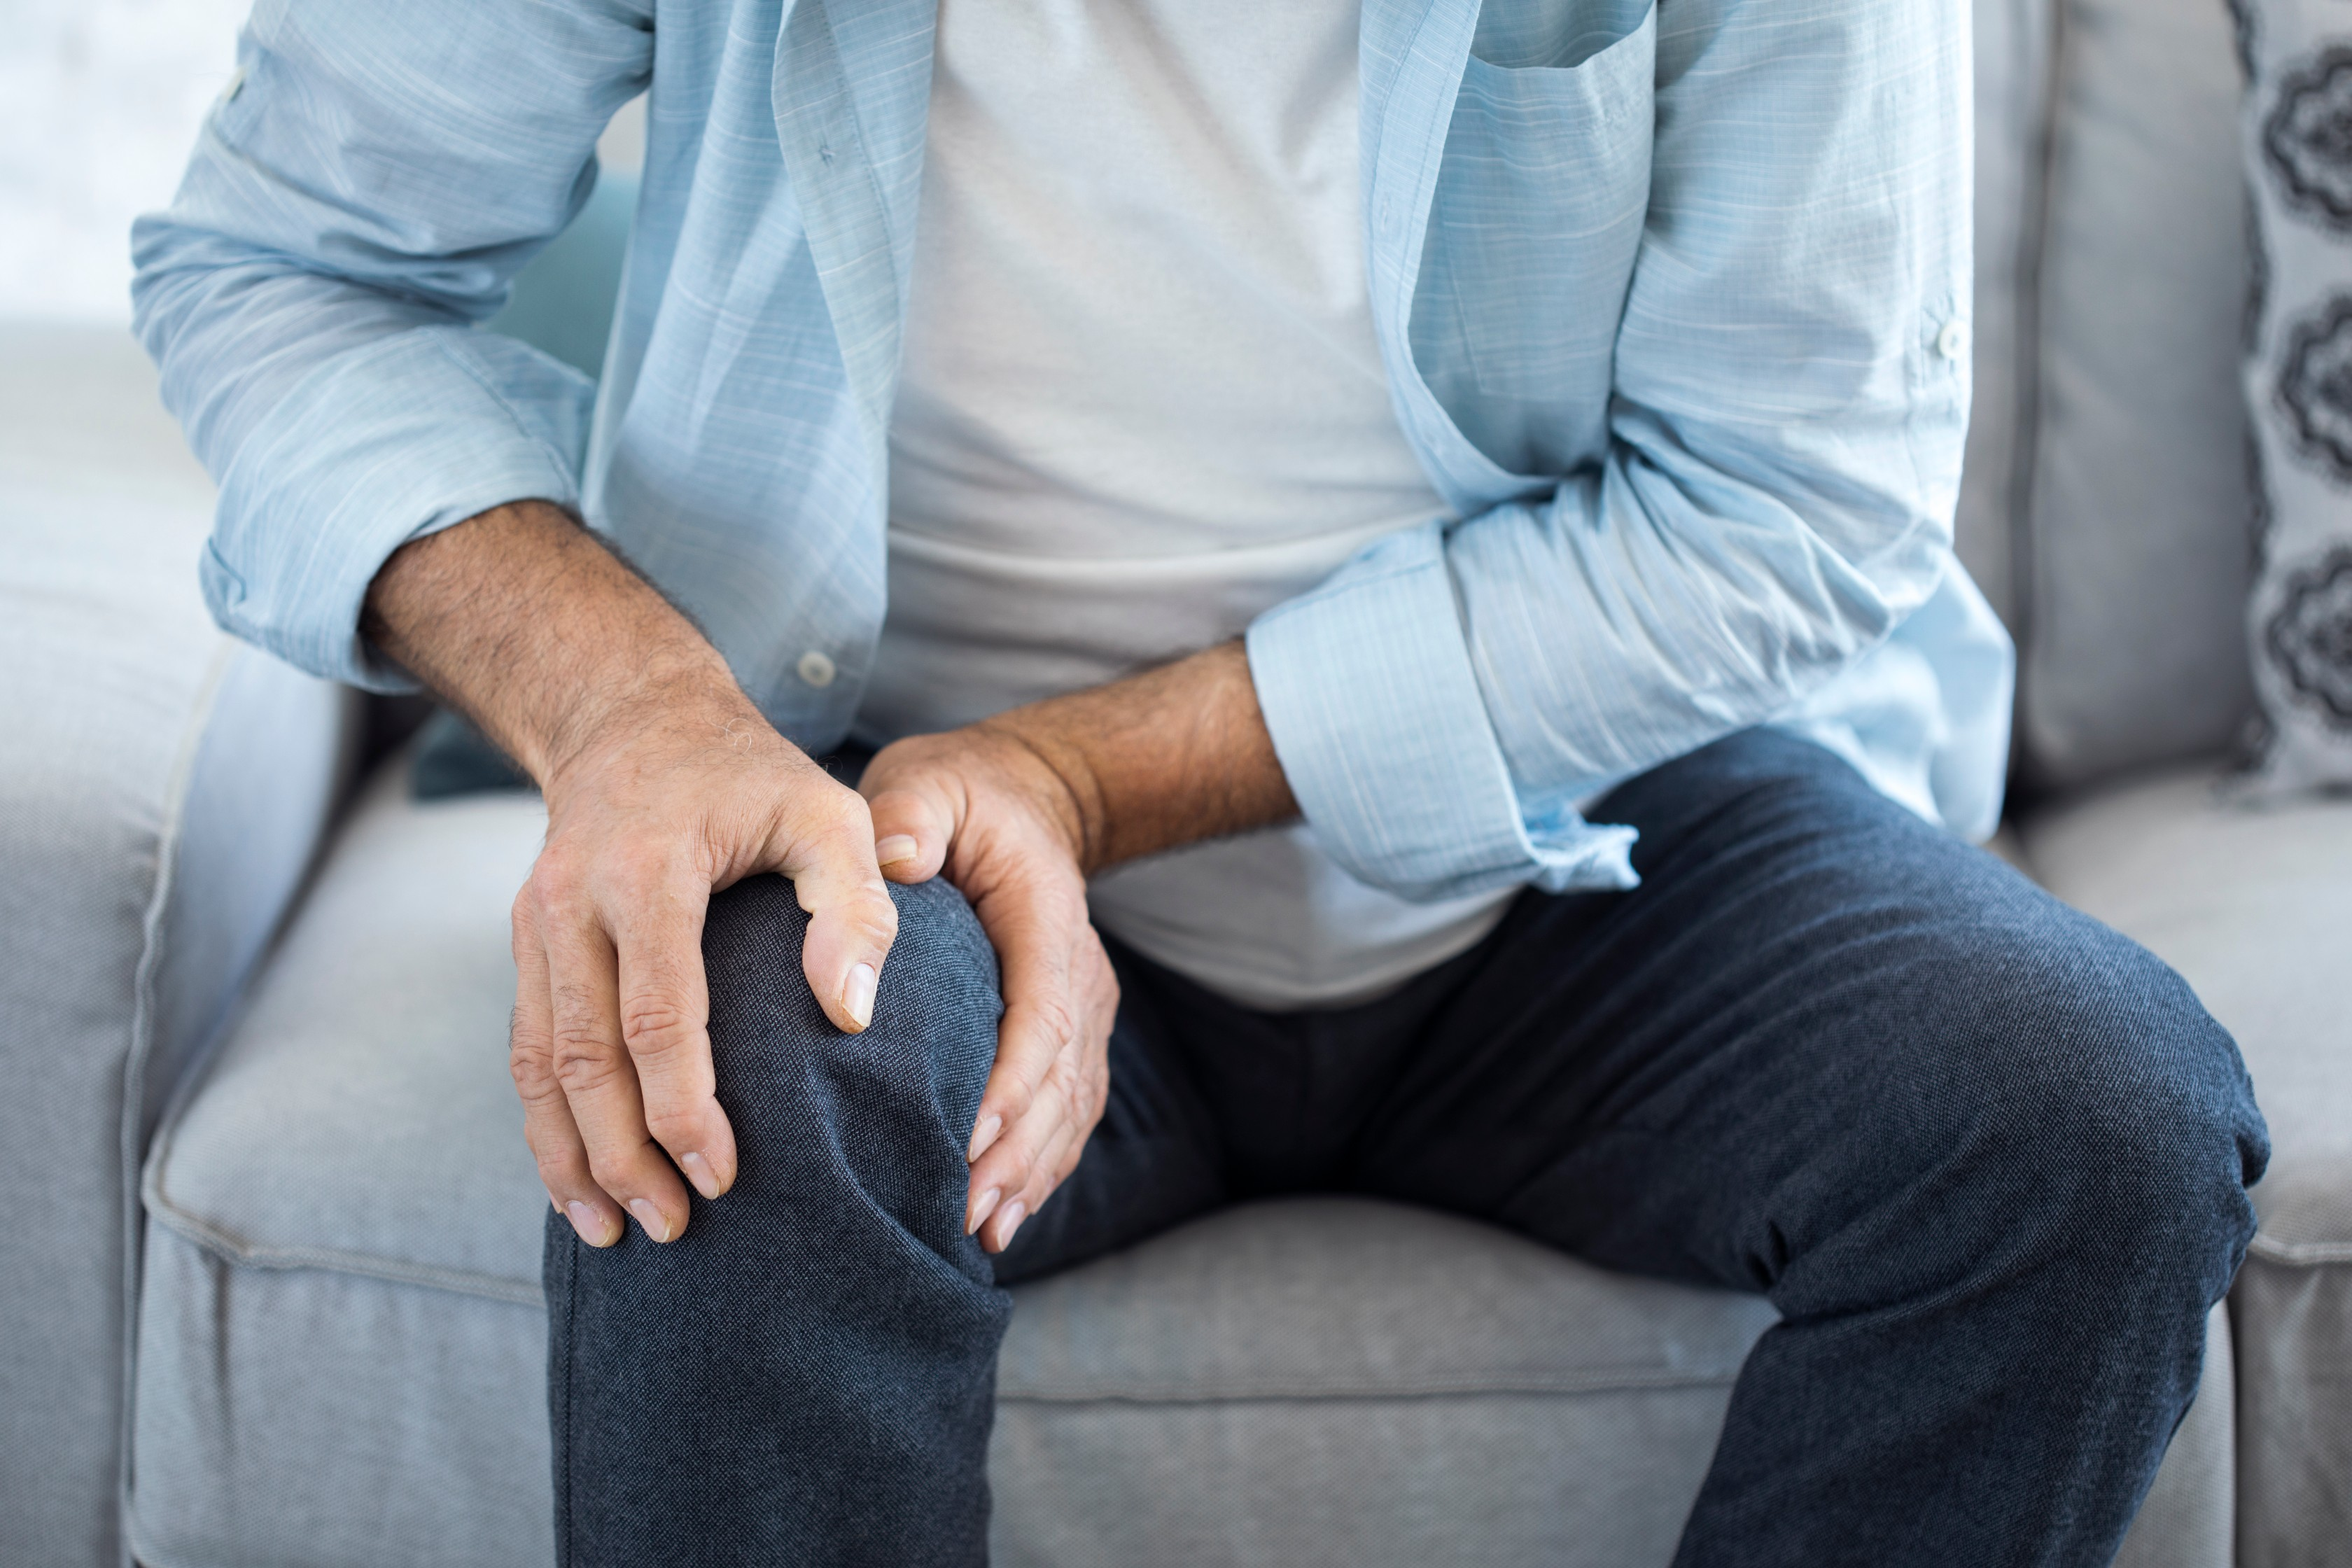 segítenek-e a bankok ízületi fájdalmak esetén